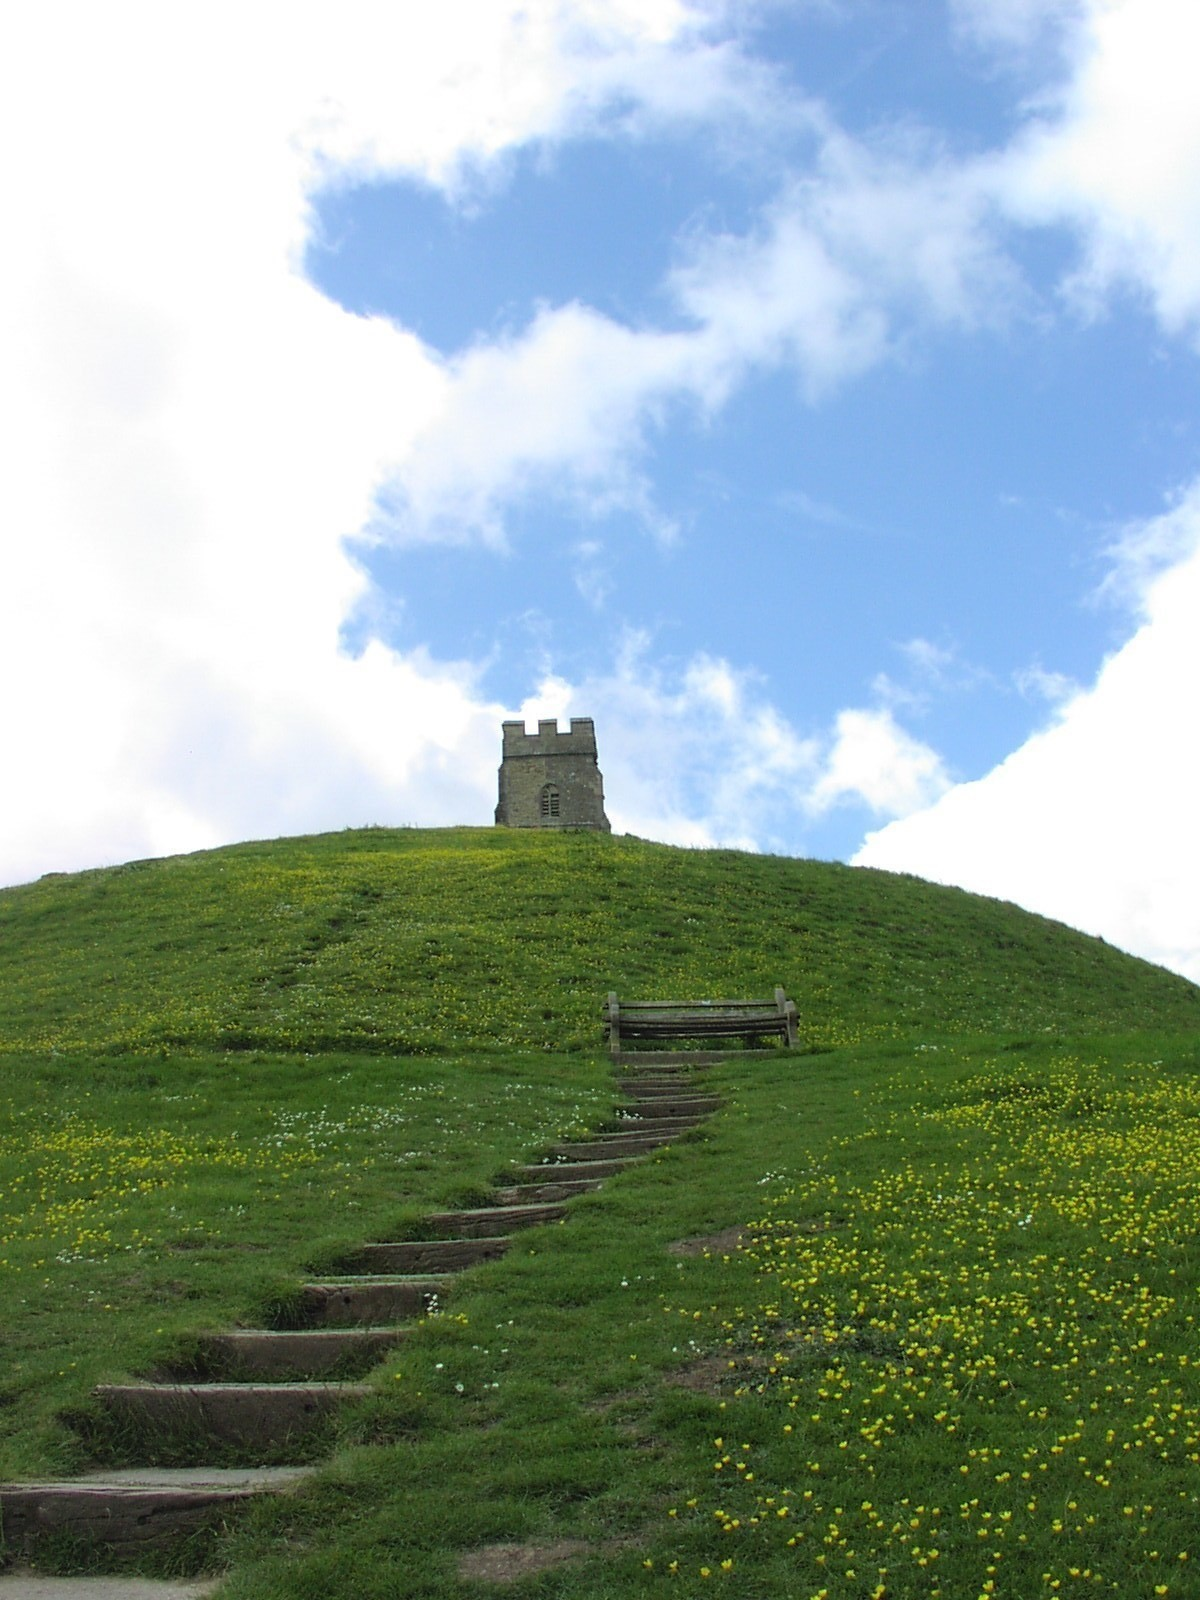 英国グラストンベリーにある丘。この場所は古代ケルト人にとっての聖地であり、アーサー王伝説の島「アヴァロン」としても知られています。2011.5.14撮影@Glastonbury, England